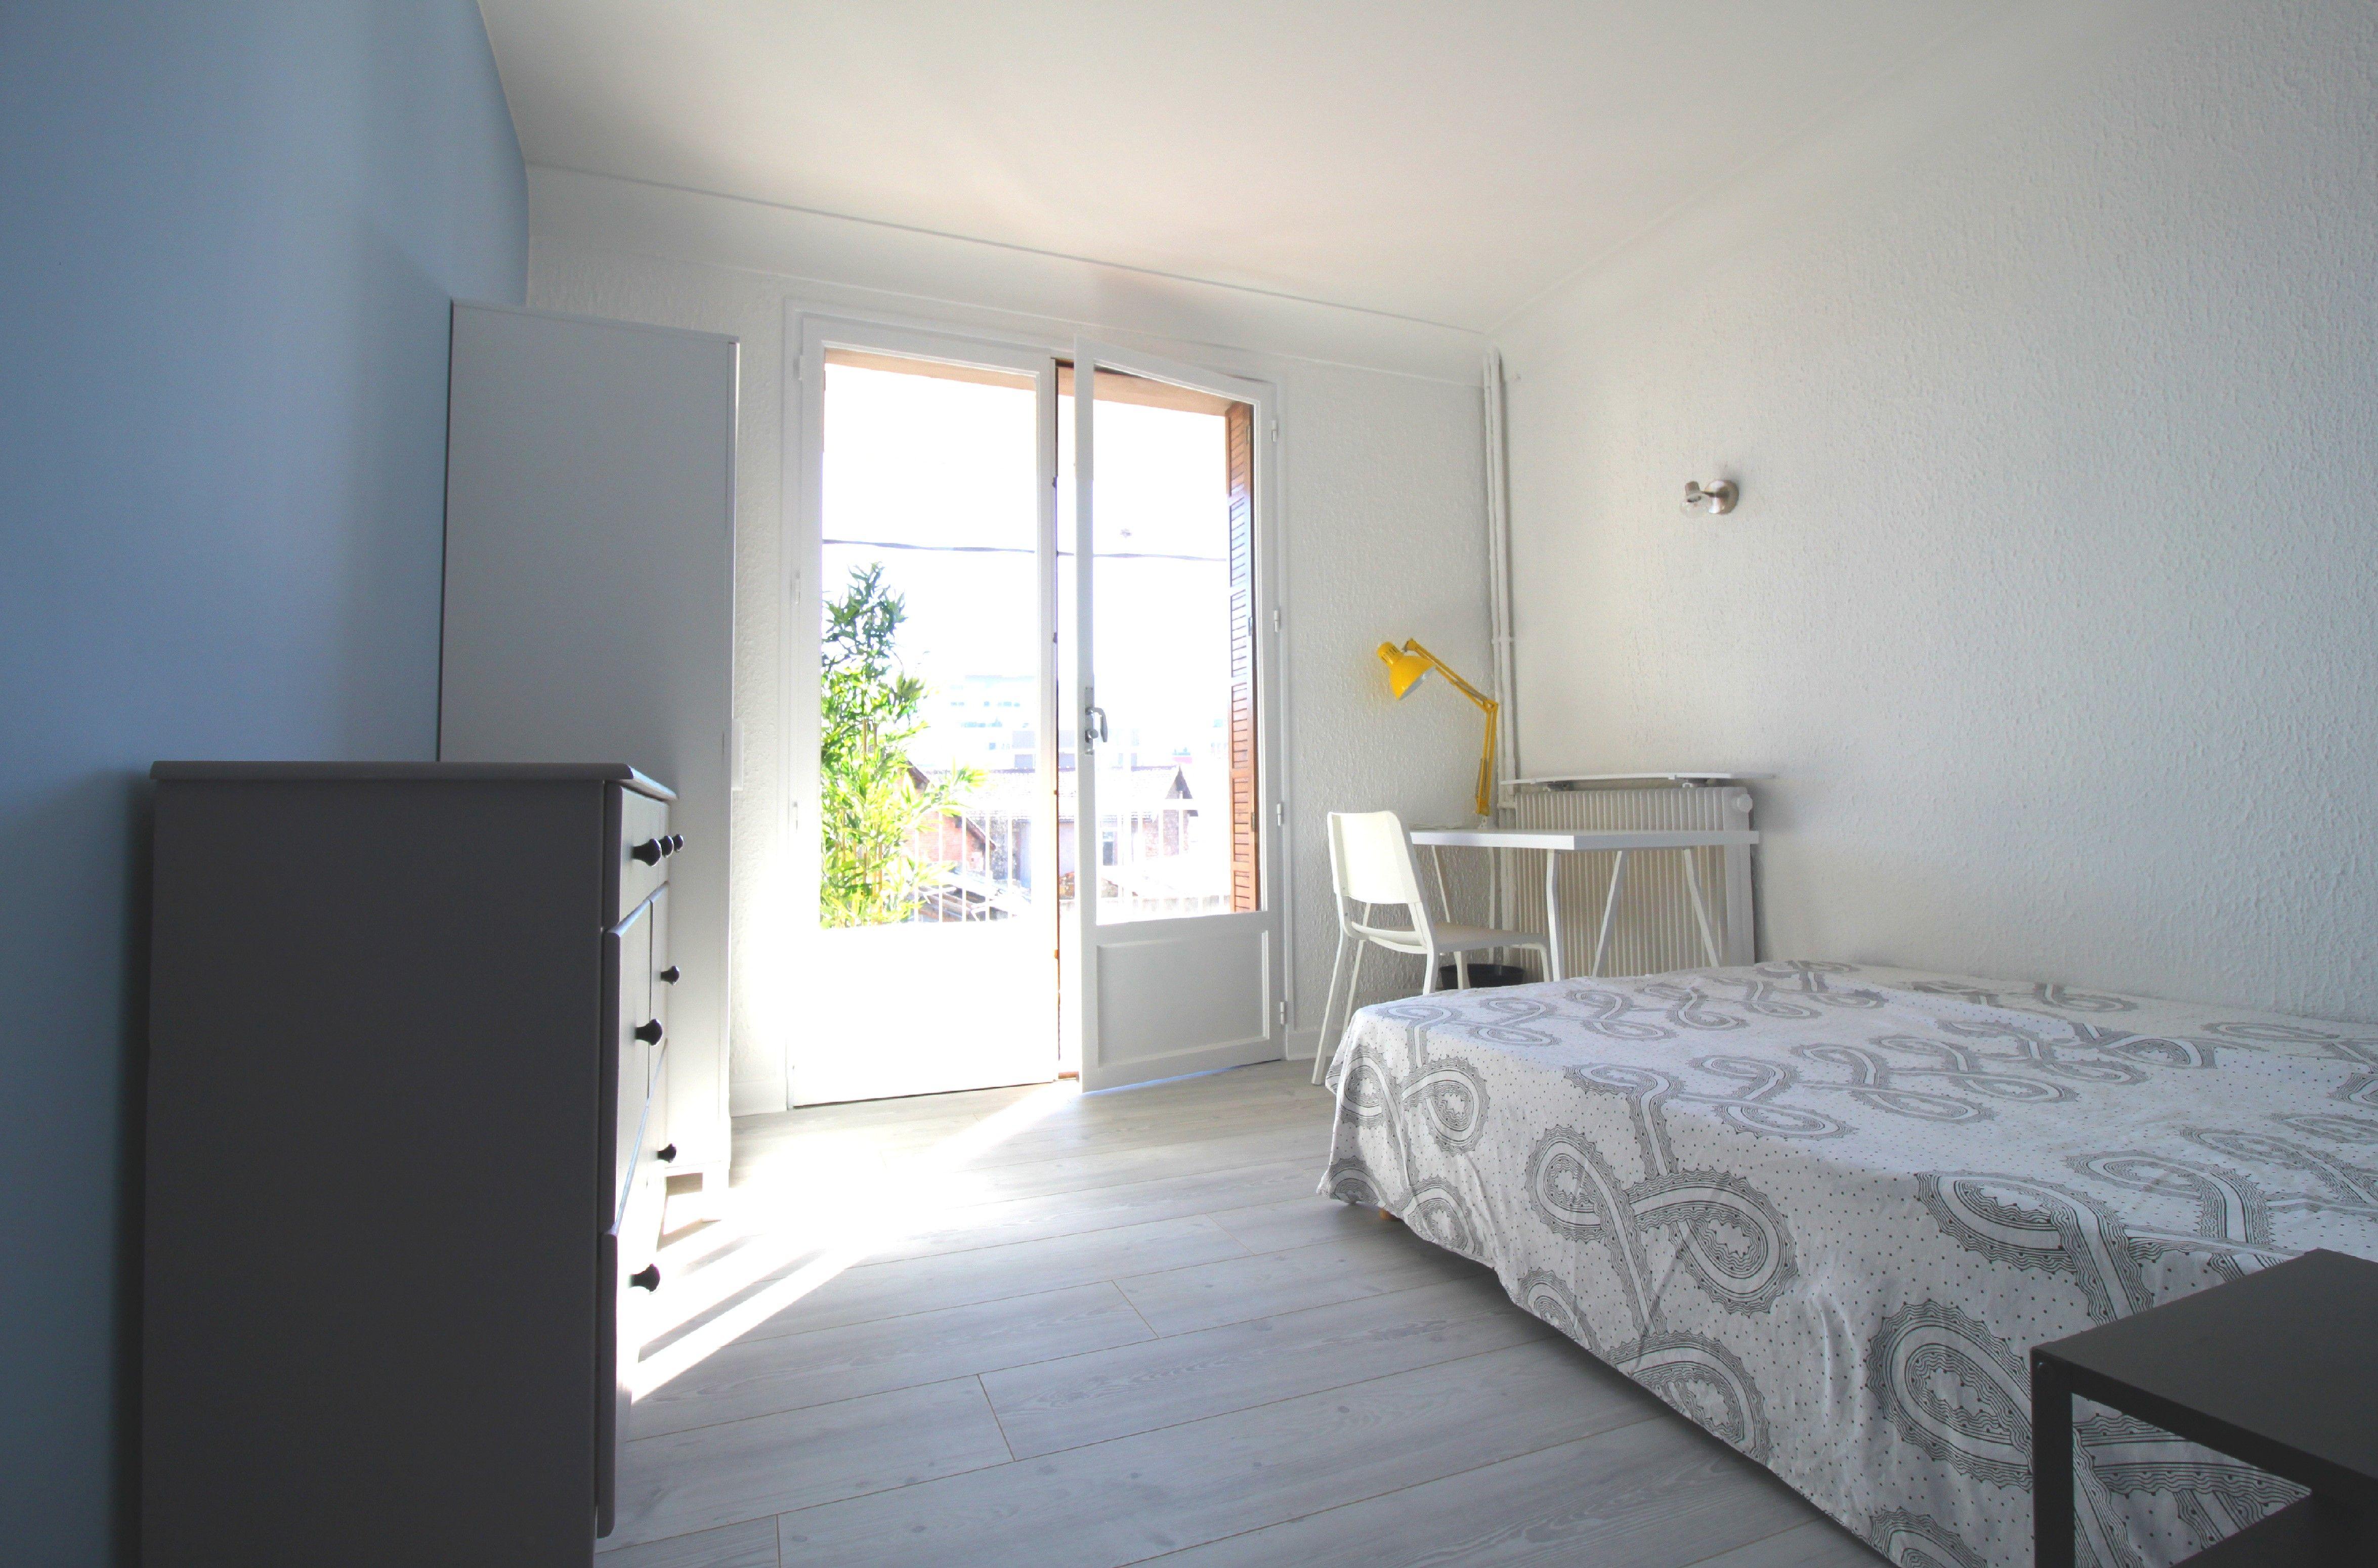 Cuisine-Colocation Le Puy-en-Velay 60PLUS & Location Chambre à louer Le Puy-en-Velay 60PLUS | Loue chambre meublée Le Puy-en-Velay 60PLUS | Logement Le Puy-en-Velay 60PLUS